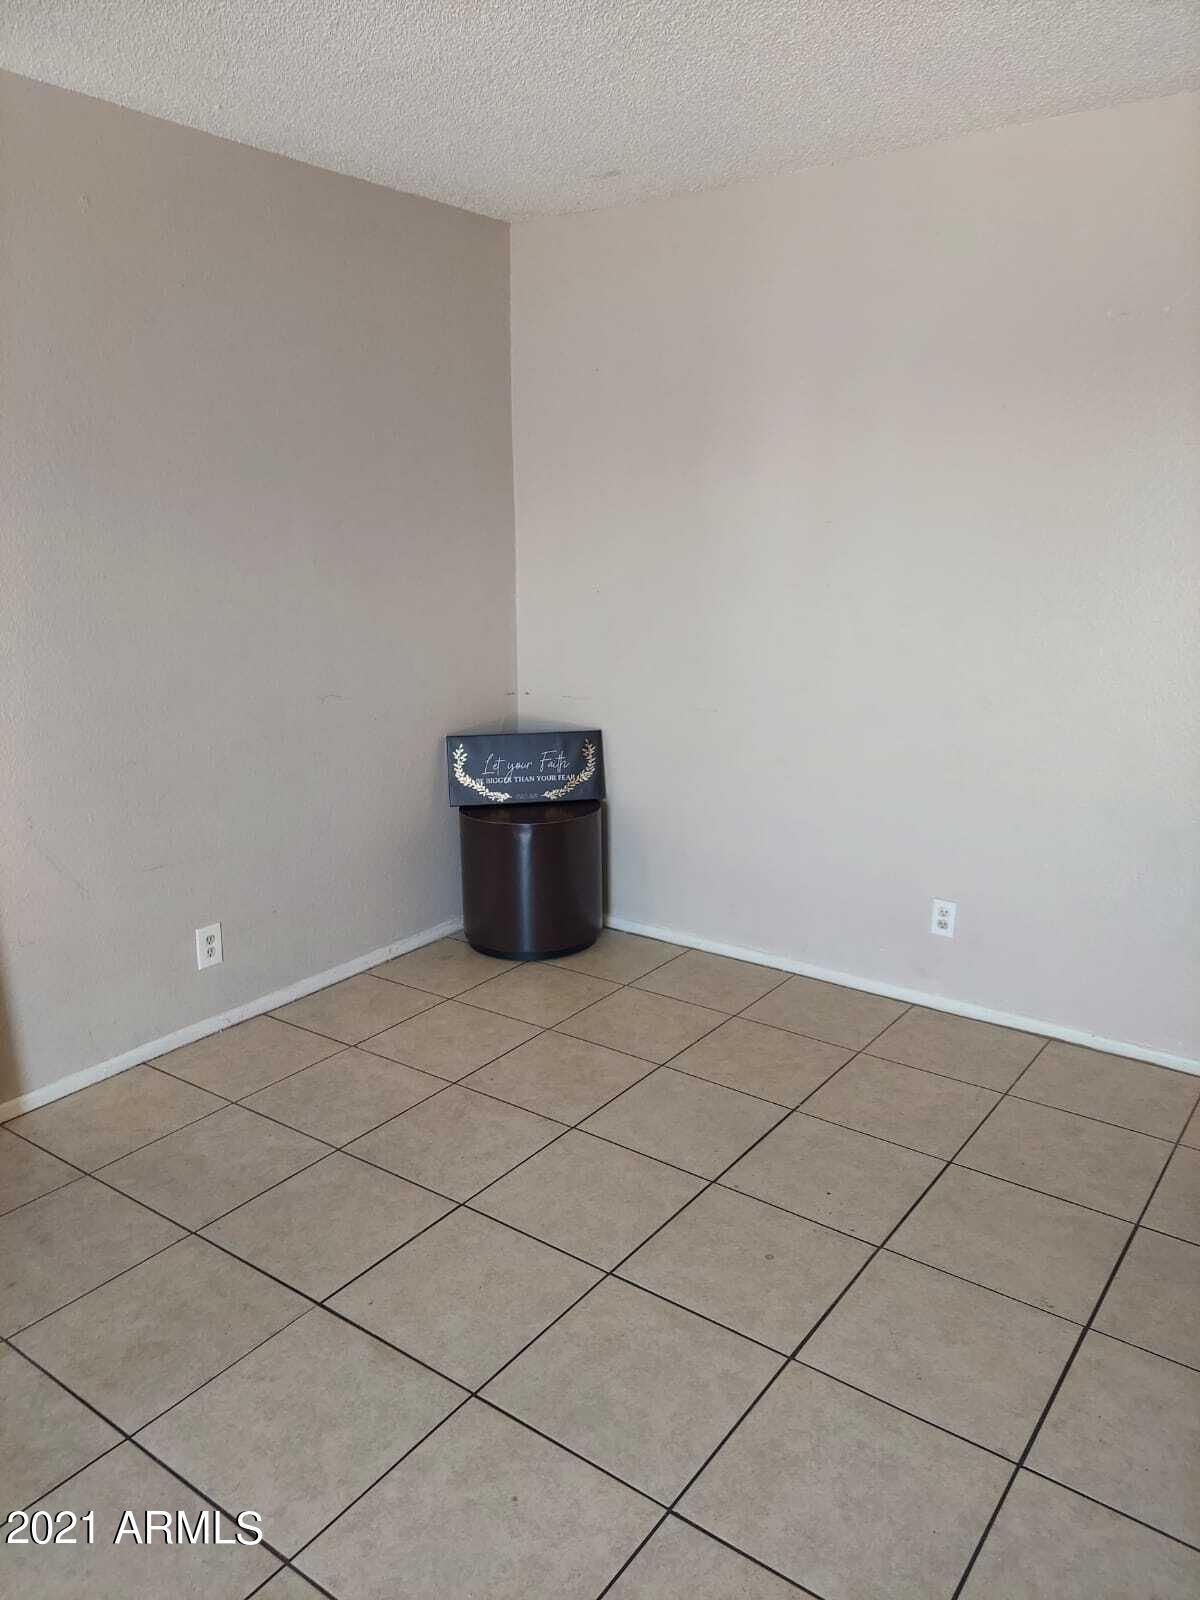 Photo of 1062 N JULY Circle #1062, Mesa, AZ 85203 (MLS # 6296281)